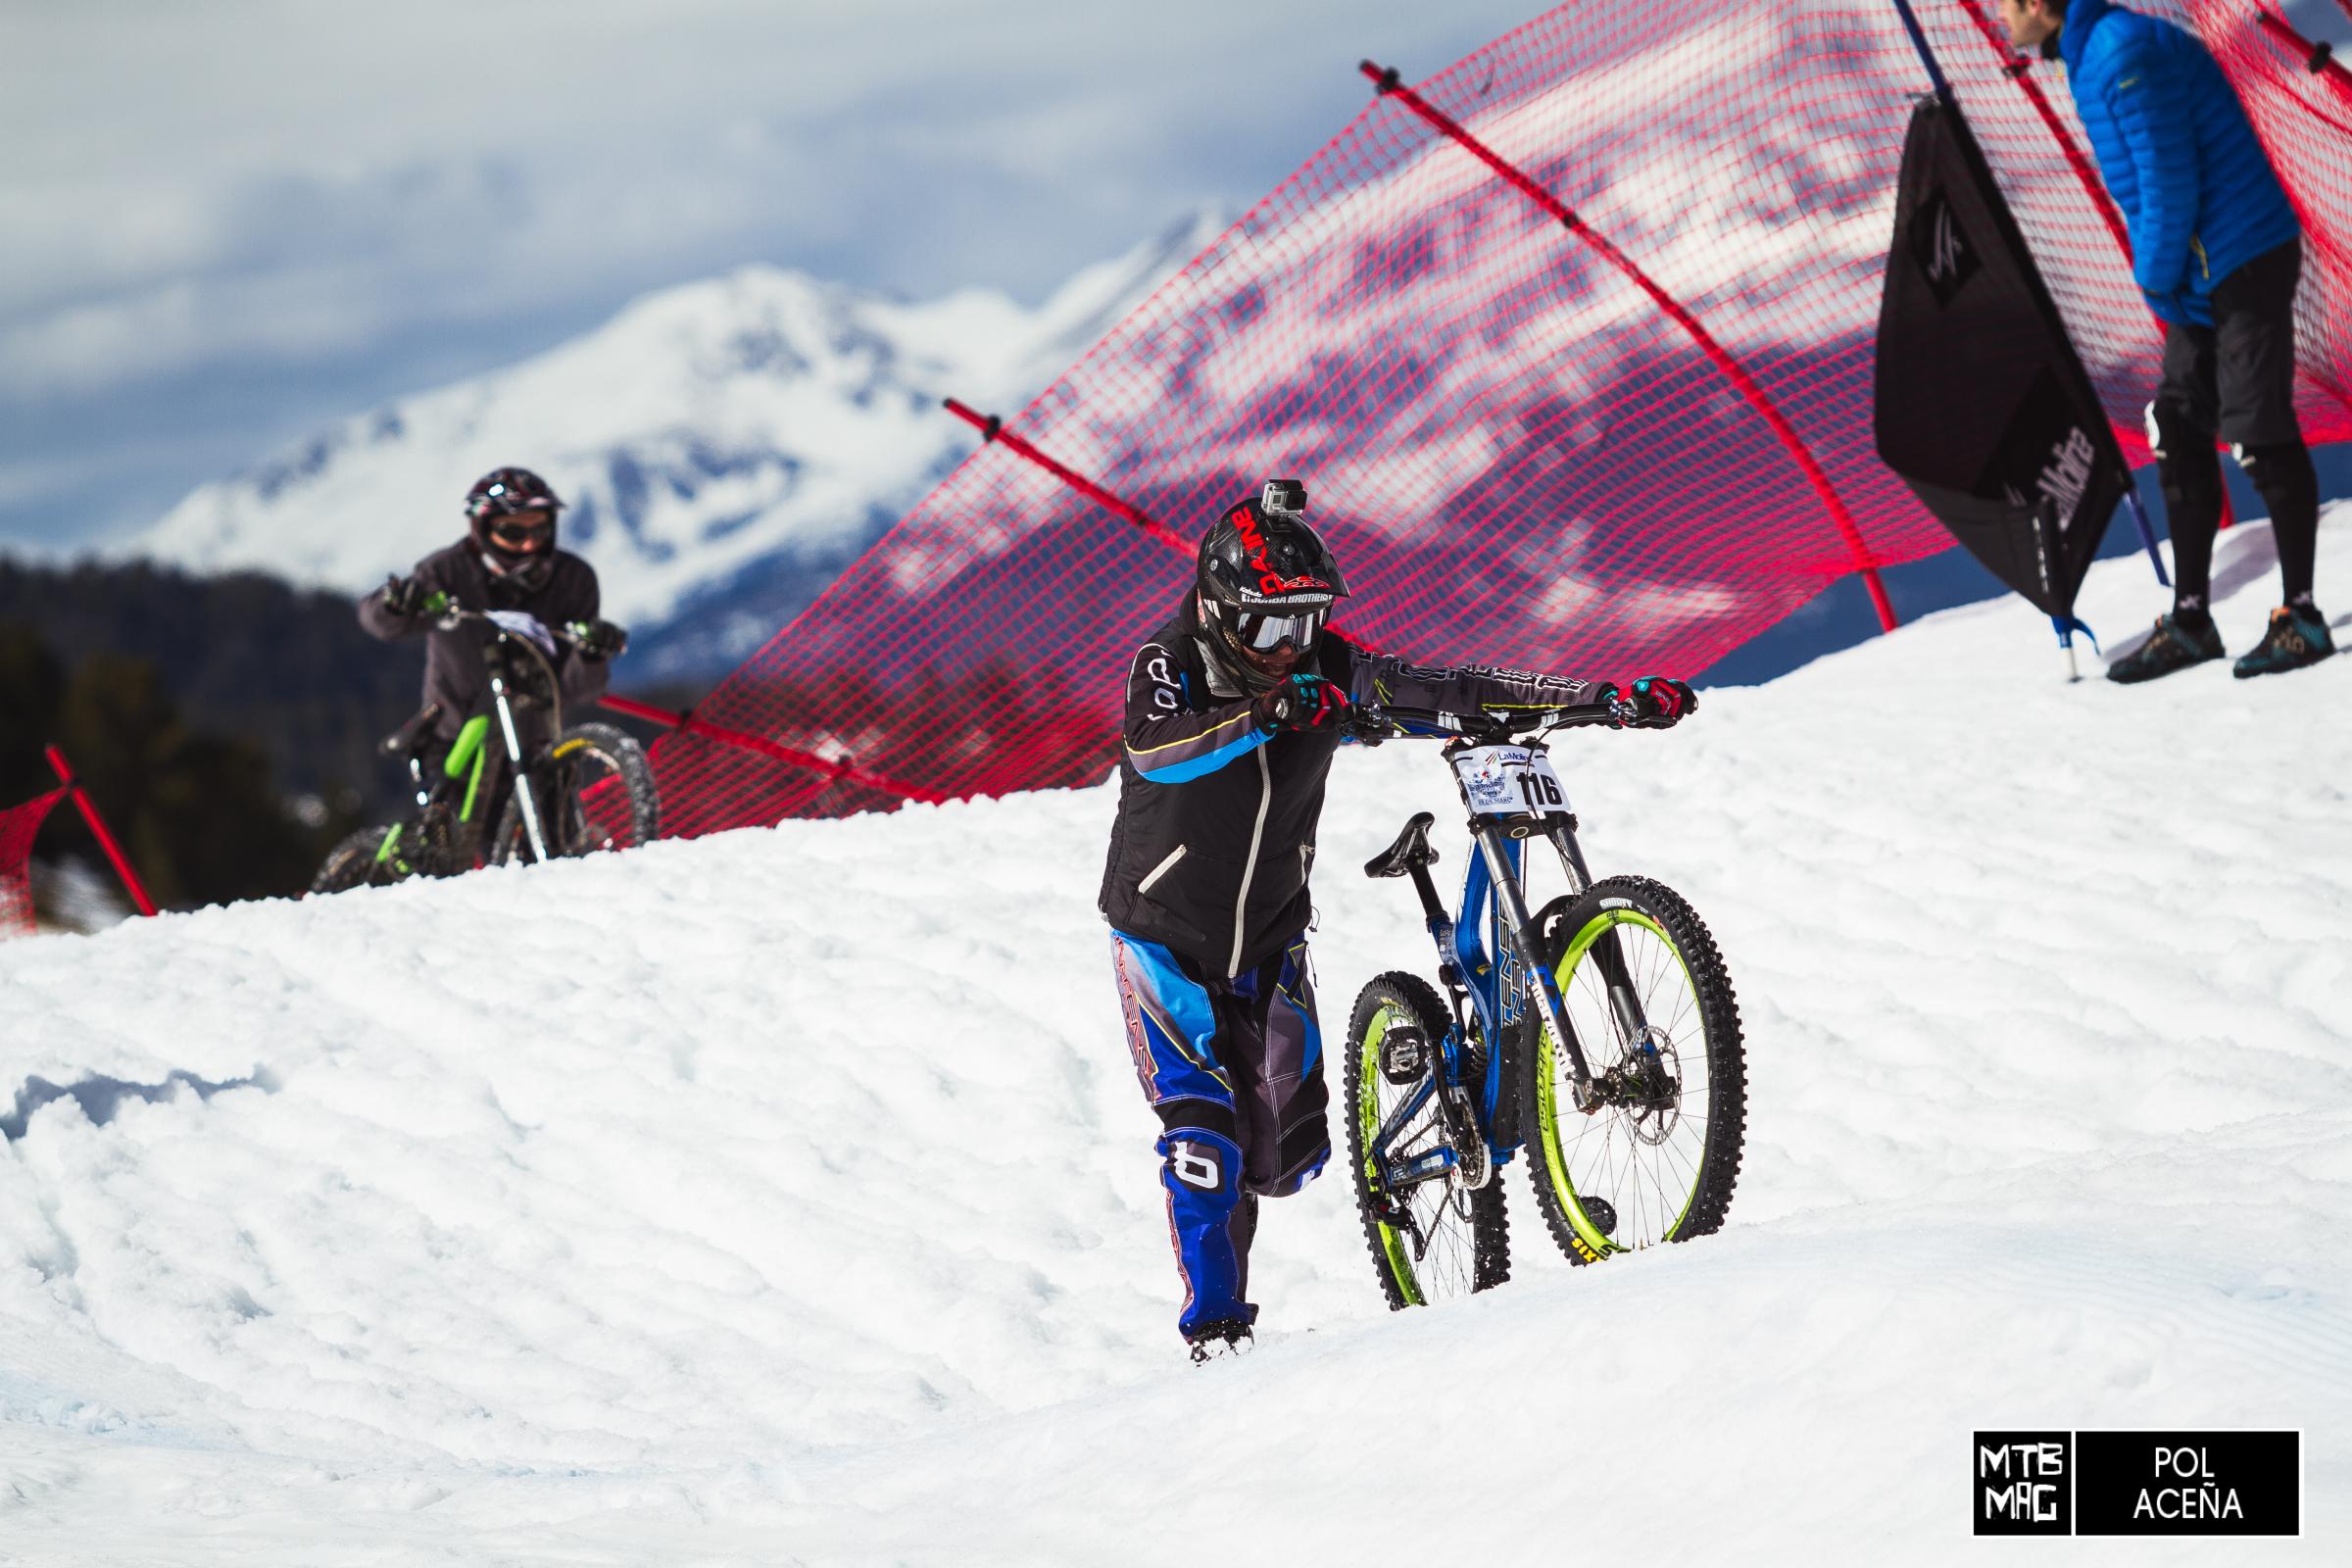 Ferran Jorba (Intense-Go Pro) arrastrando su bici por el circuito ante la imposibilidad de continuar pedaleando con tanta nieve.